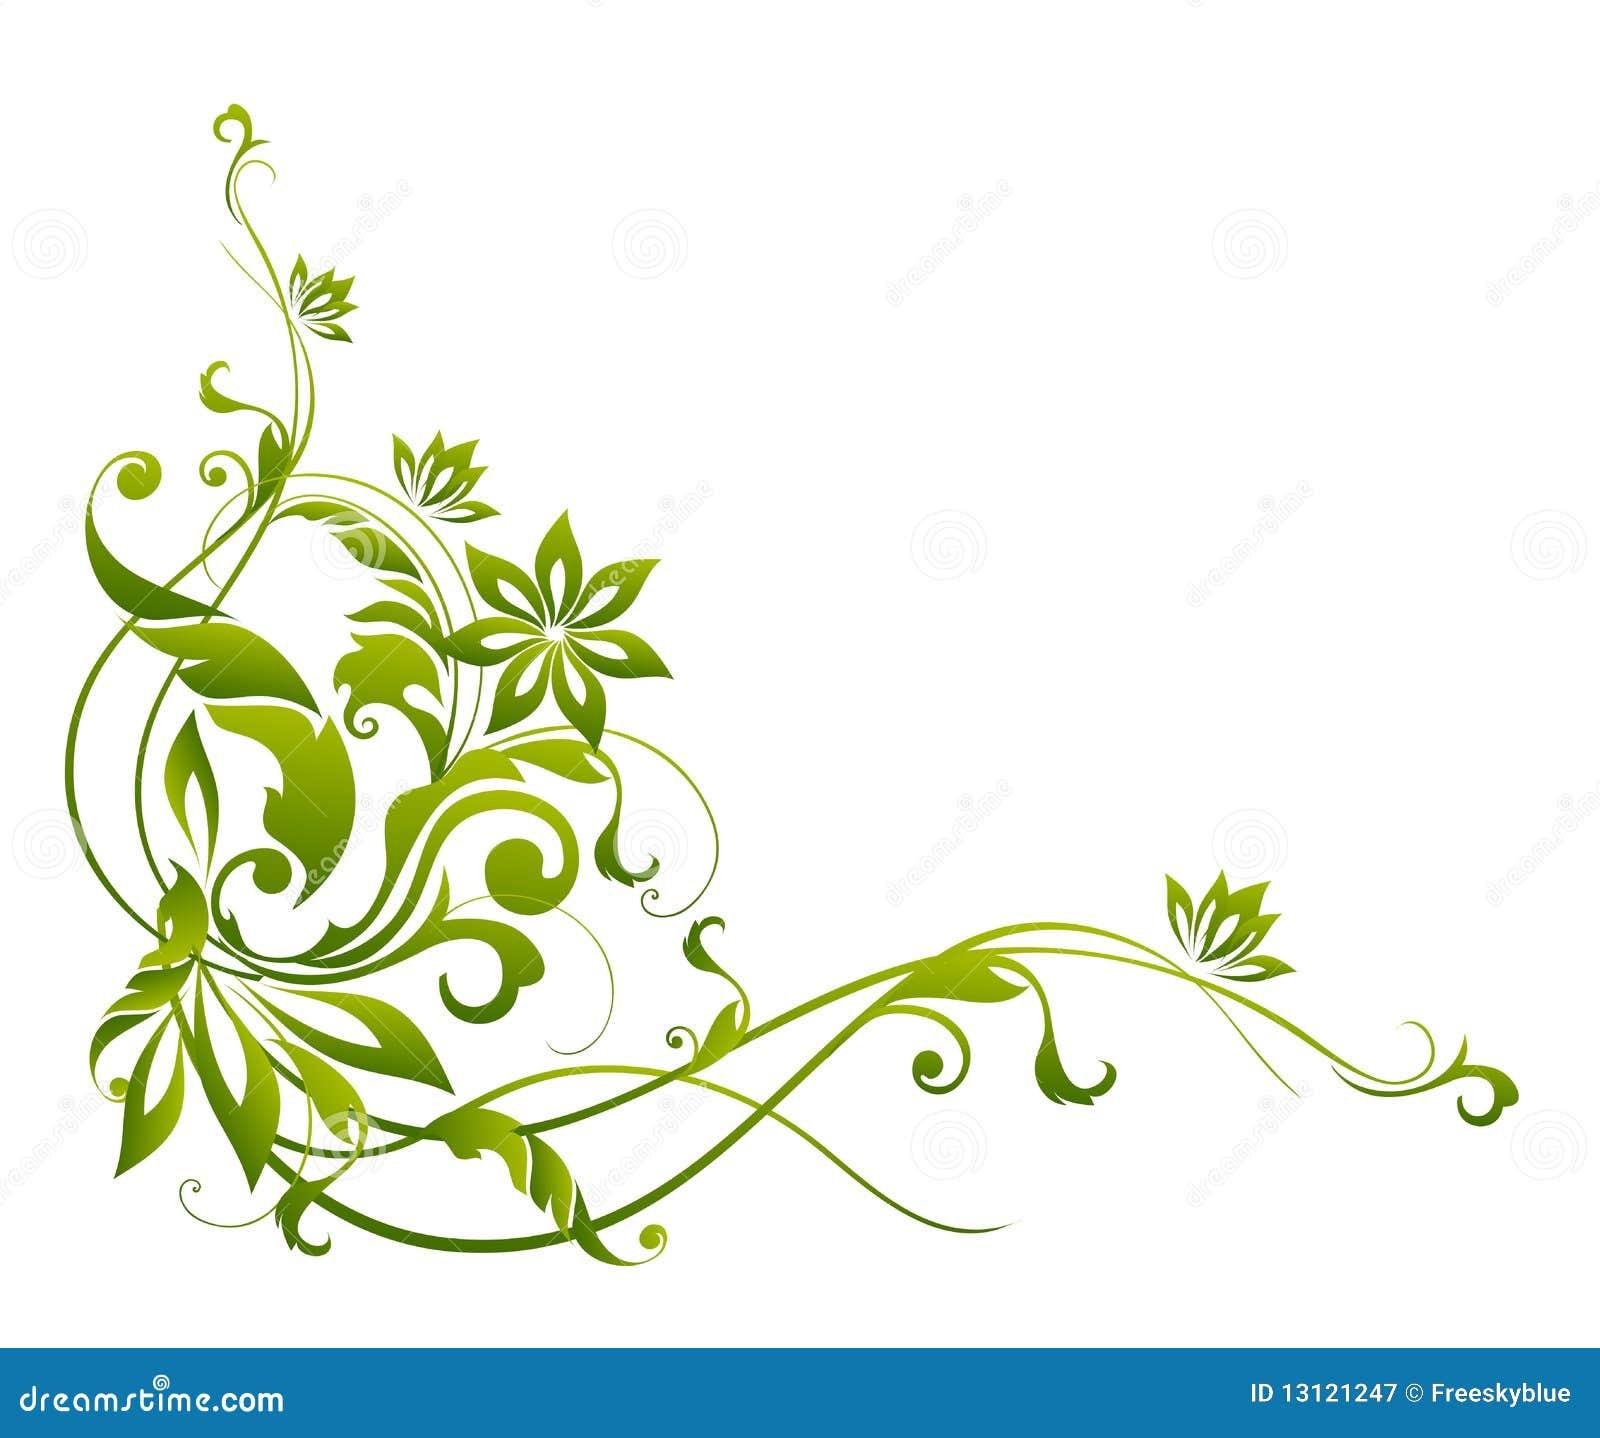 Лиана с цветами рисунок